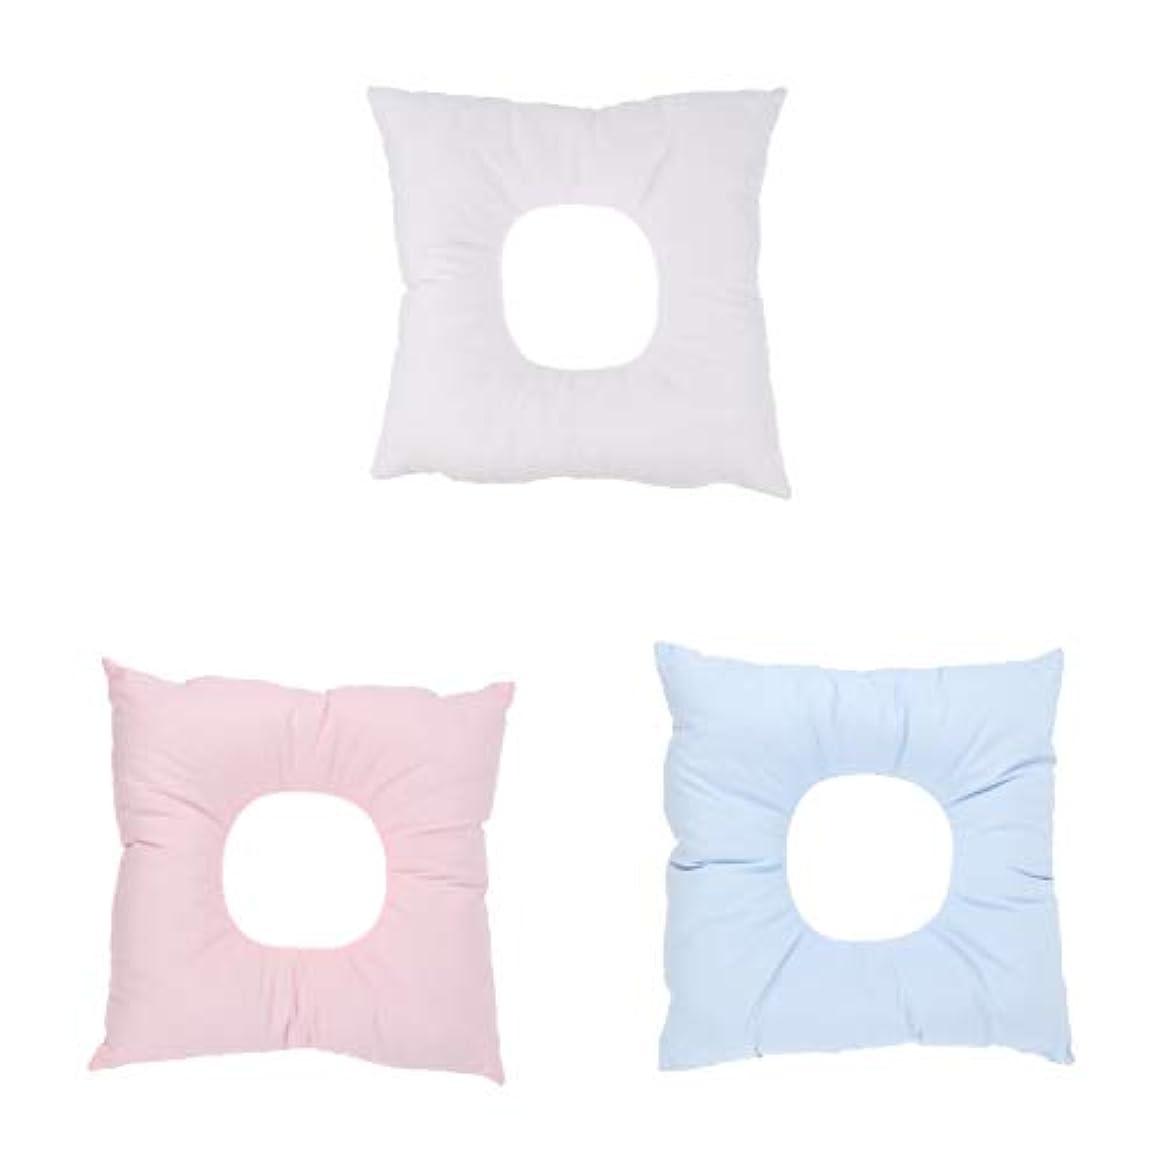 ゴミ男らしさ霜顔マクラ マッサージ枕 顔枕 クッション ソフトフォーム サロン スパ マッサージ用 快適 3個入